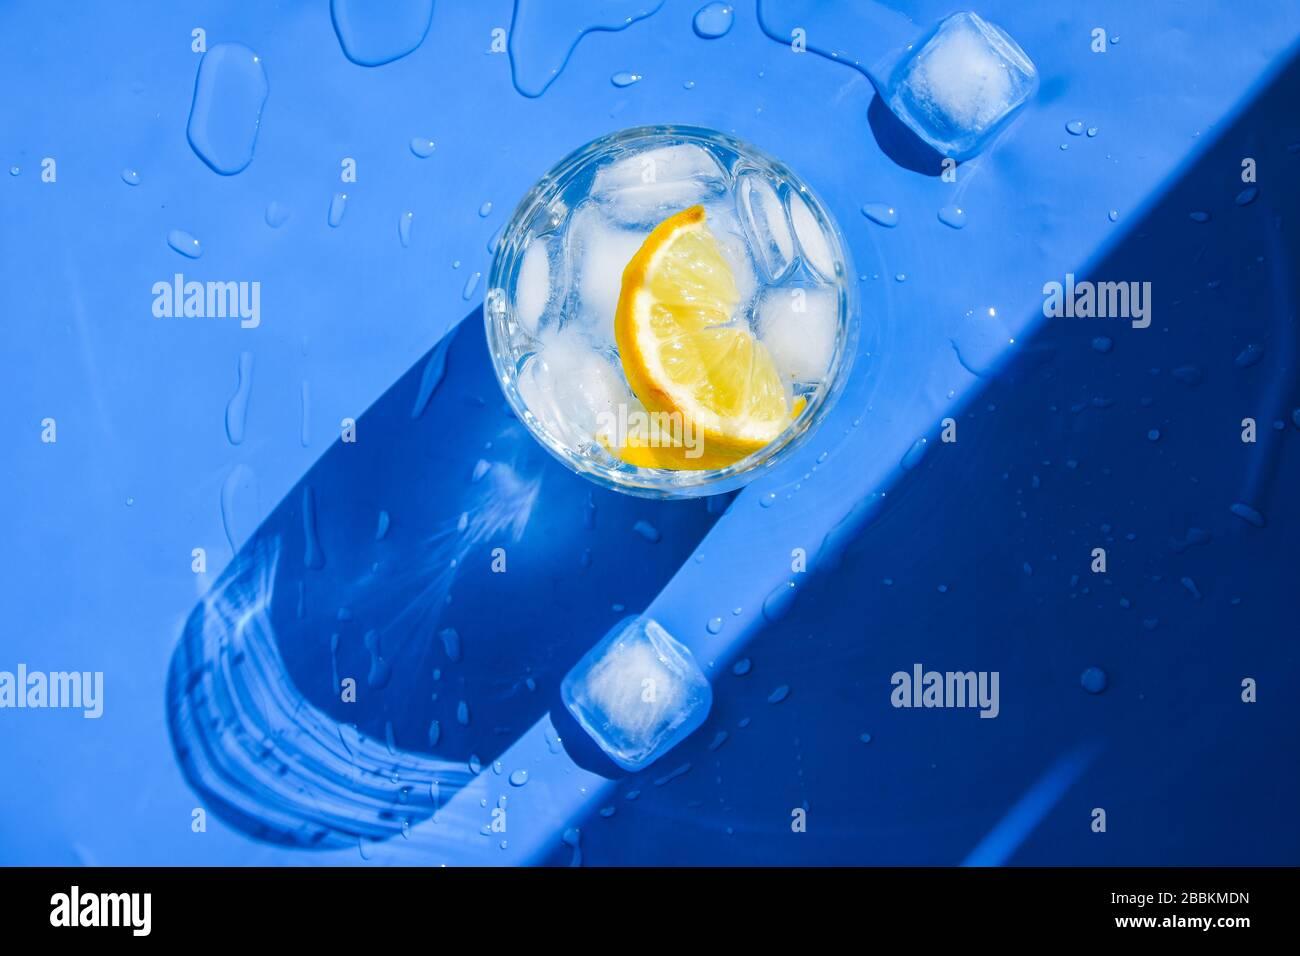 Un verre d'eau rafraîchissante avec de la glace et du citron sur un fond bleu. Concept de chaleur, frais. Lumière naturelle. Couche plate, vue supérieure, espace de copie Banque D'Images